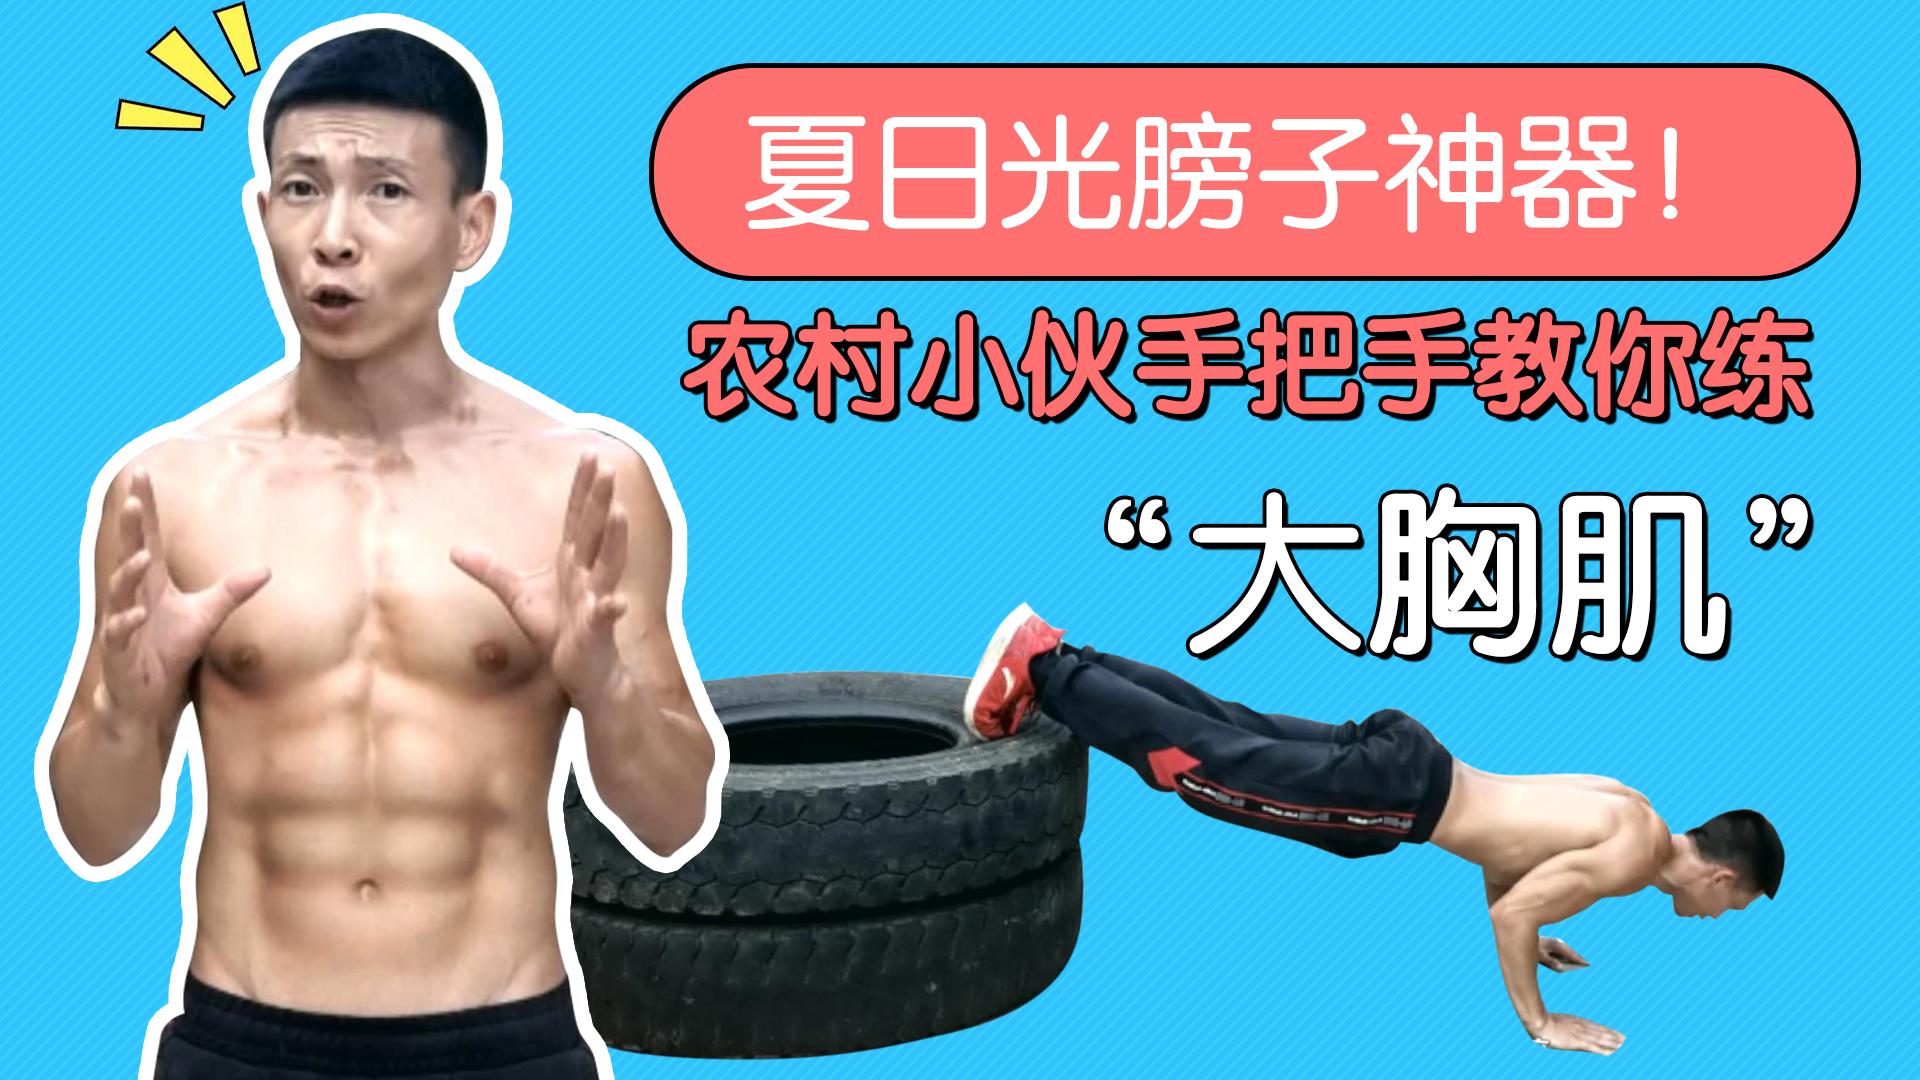 俯卧撑如何有效训练胸肌,注意两个细节,大大提升训练效果